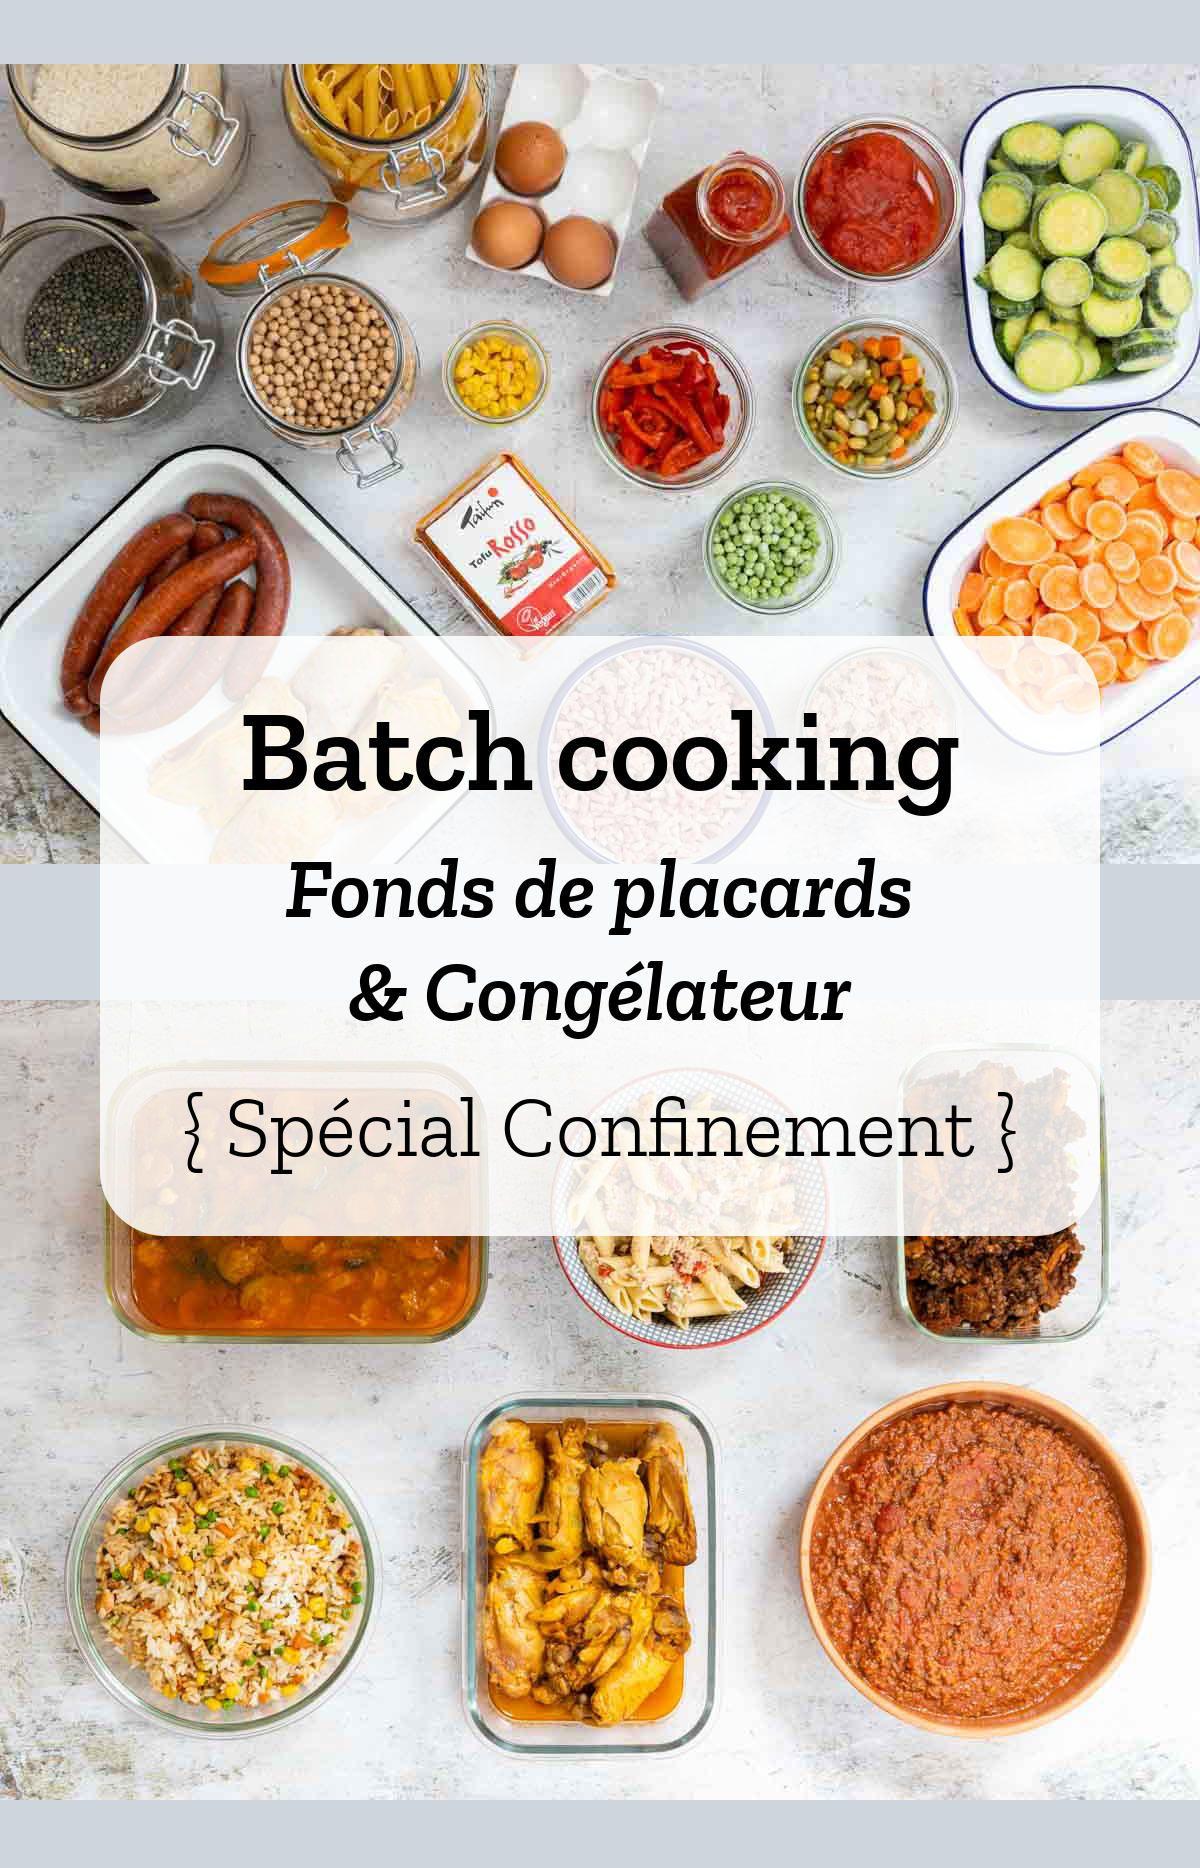 Batch Cooking Fonds De Placards Congelateur Special Confinement En 2020 Repas Prepares A L Avance Recettes De Cuisine Recette